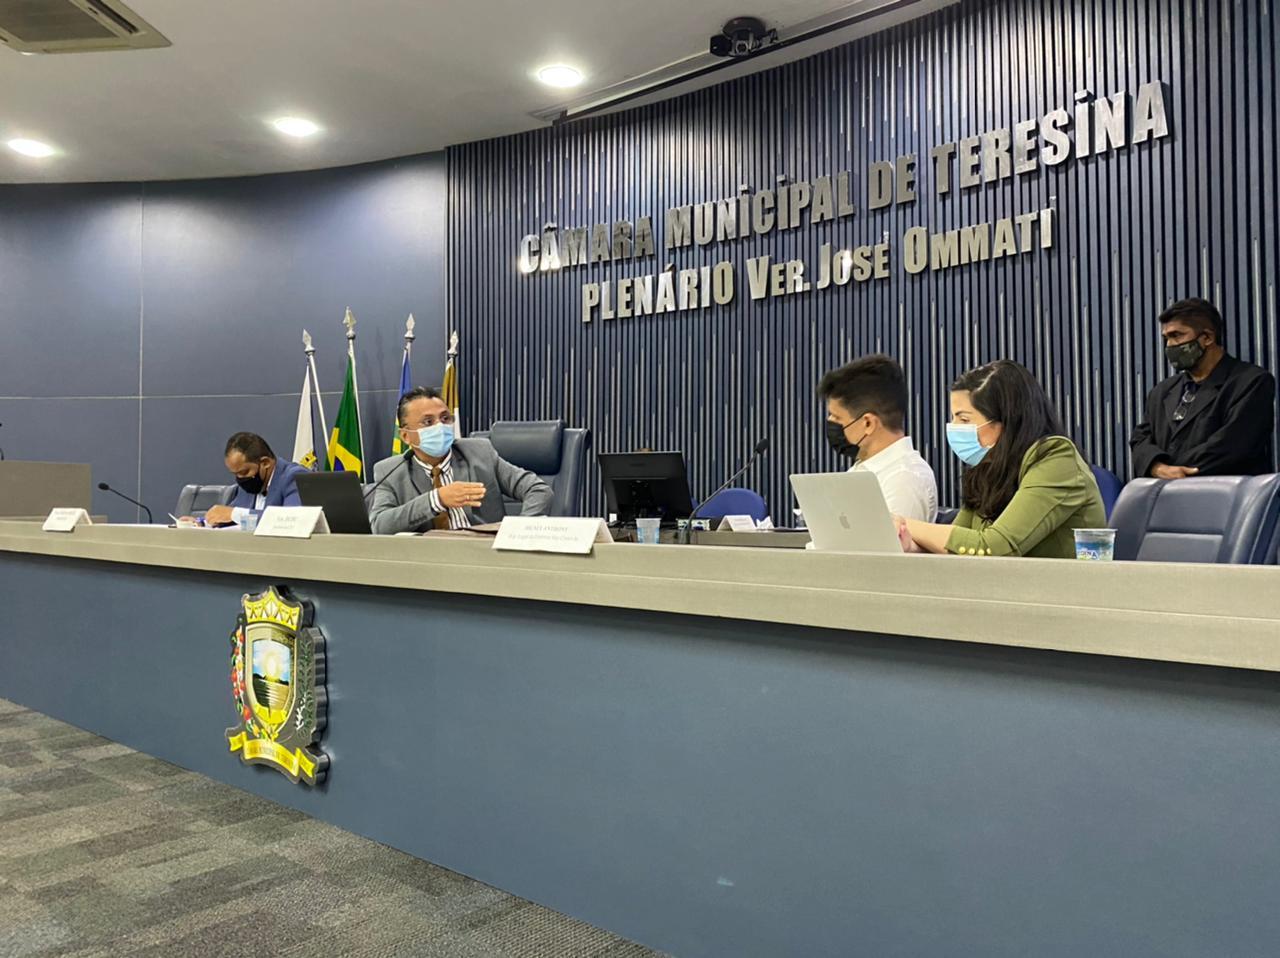 Vereador quer apresentar relatório da CPI neste mês (Divulgação)